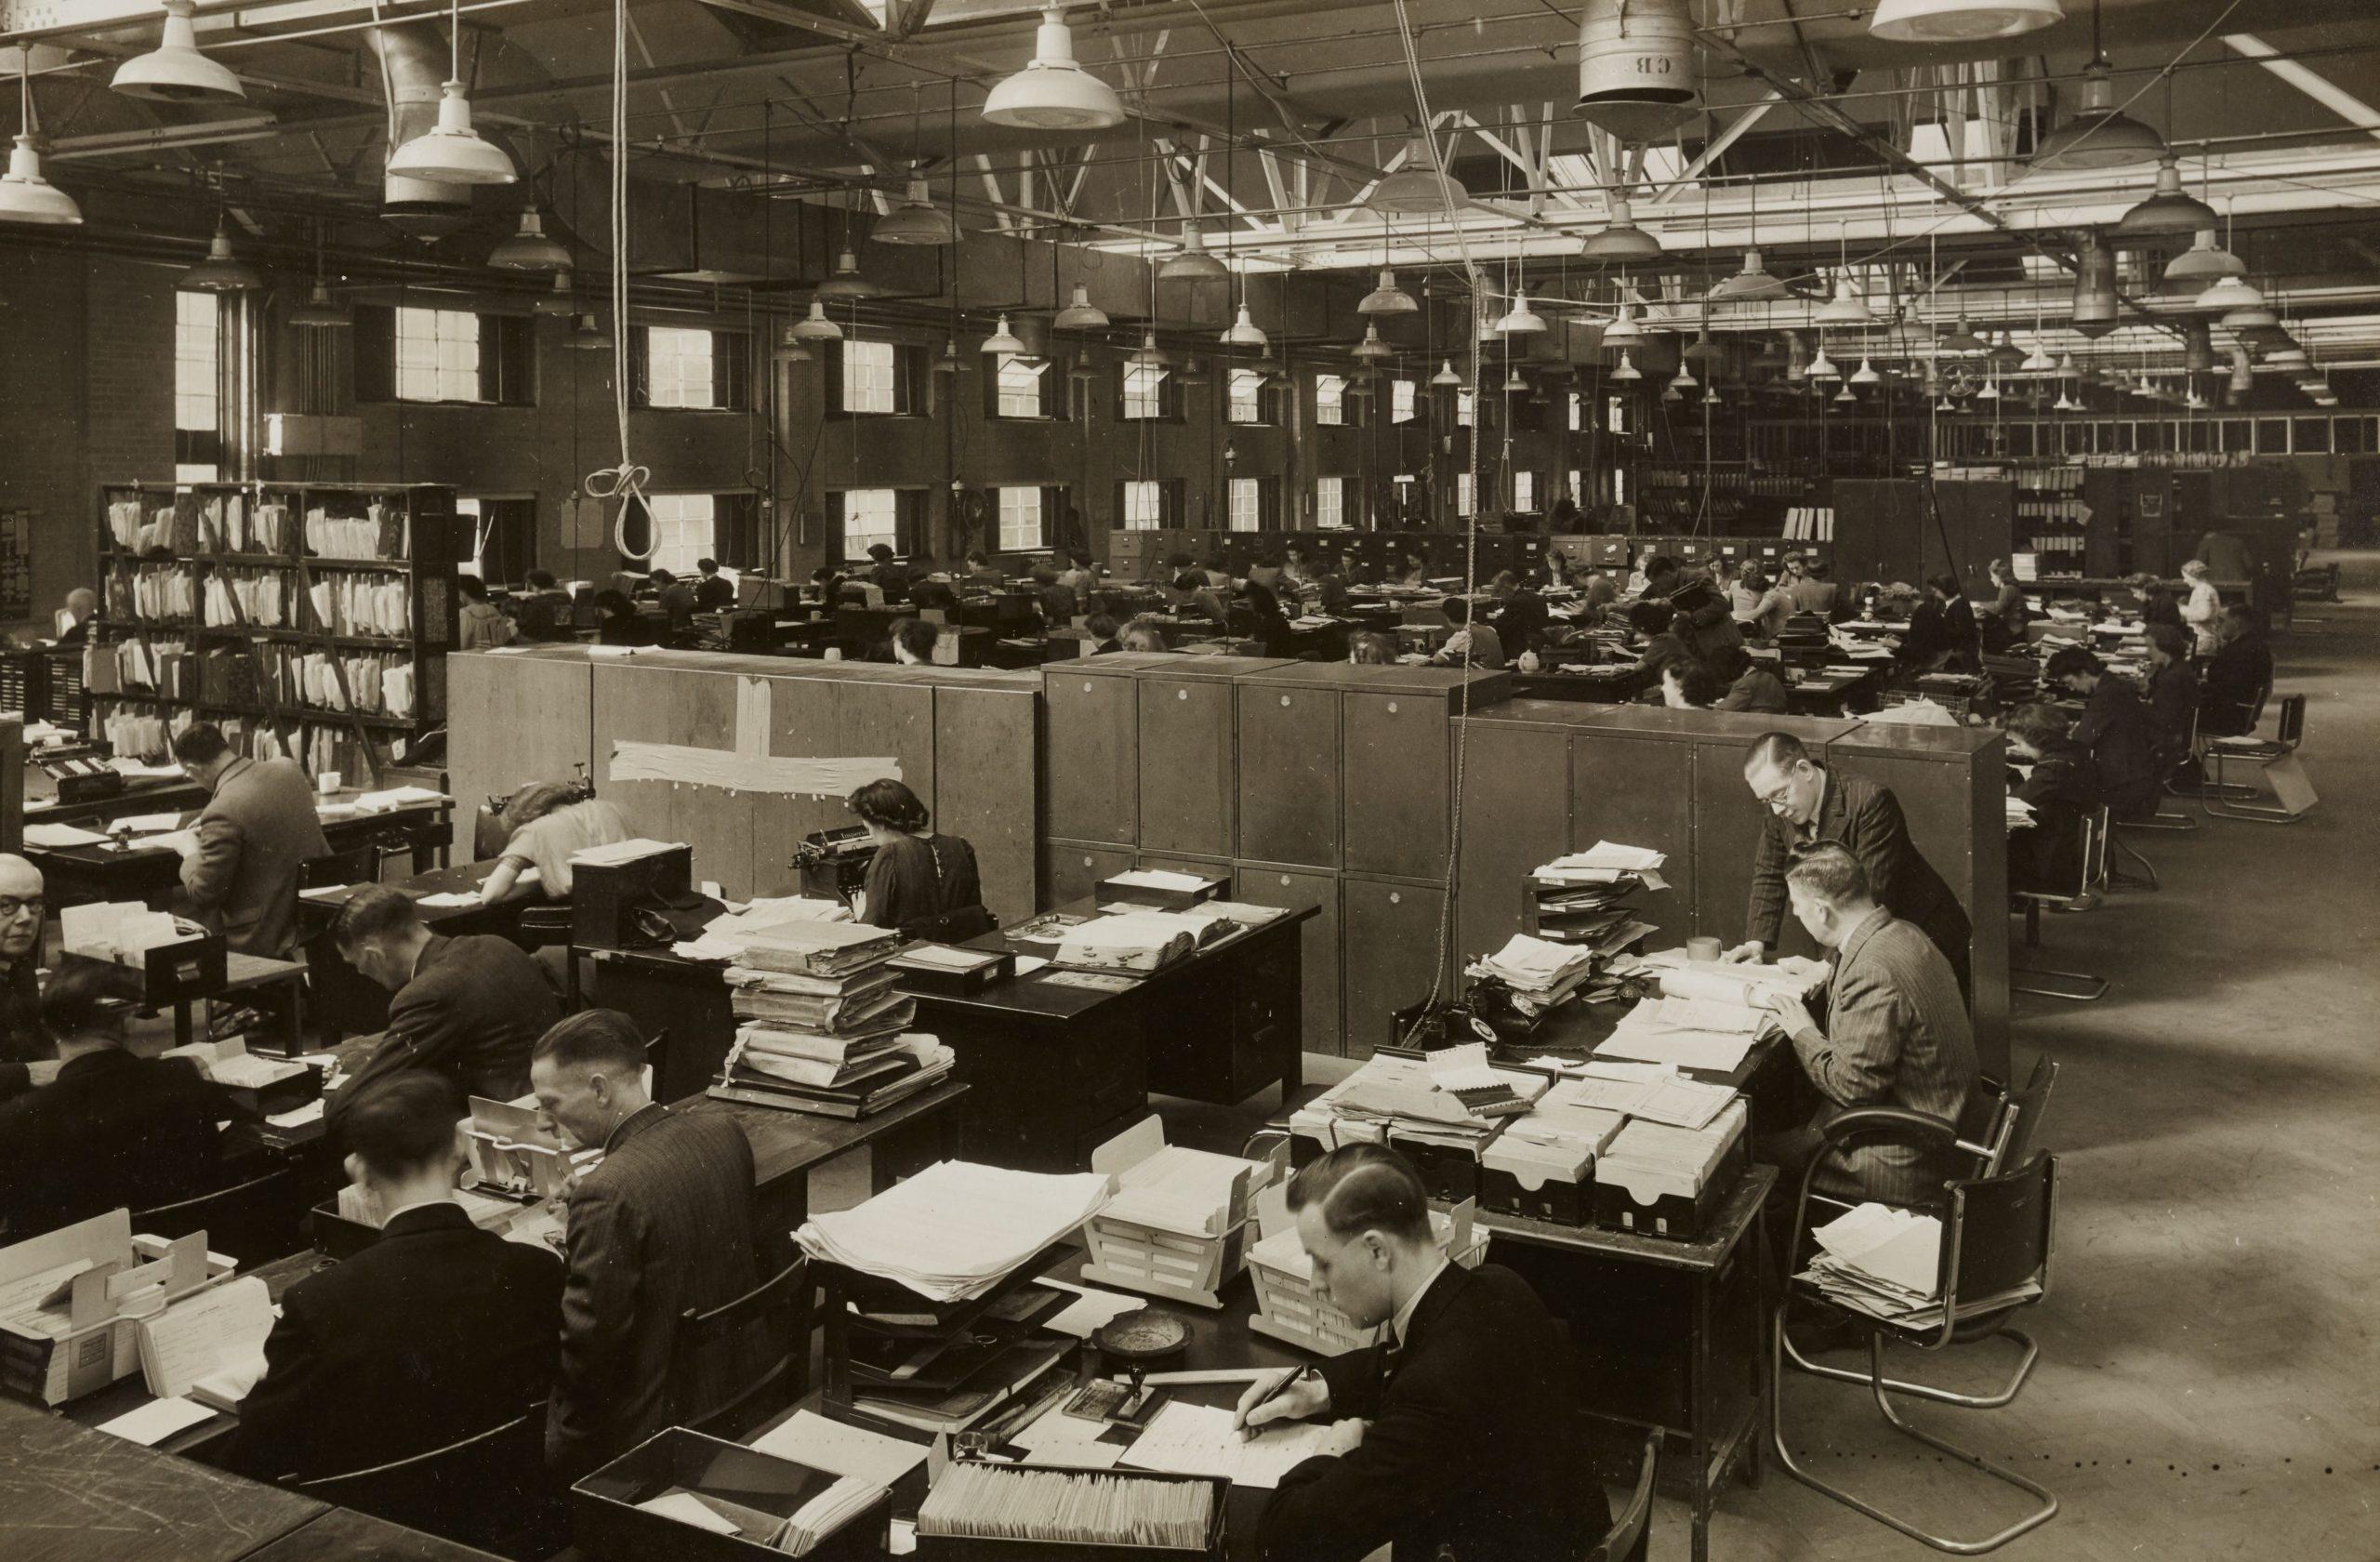 Frauen und Männer in einem Großraumbüro um 1940